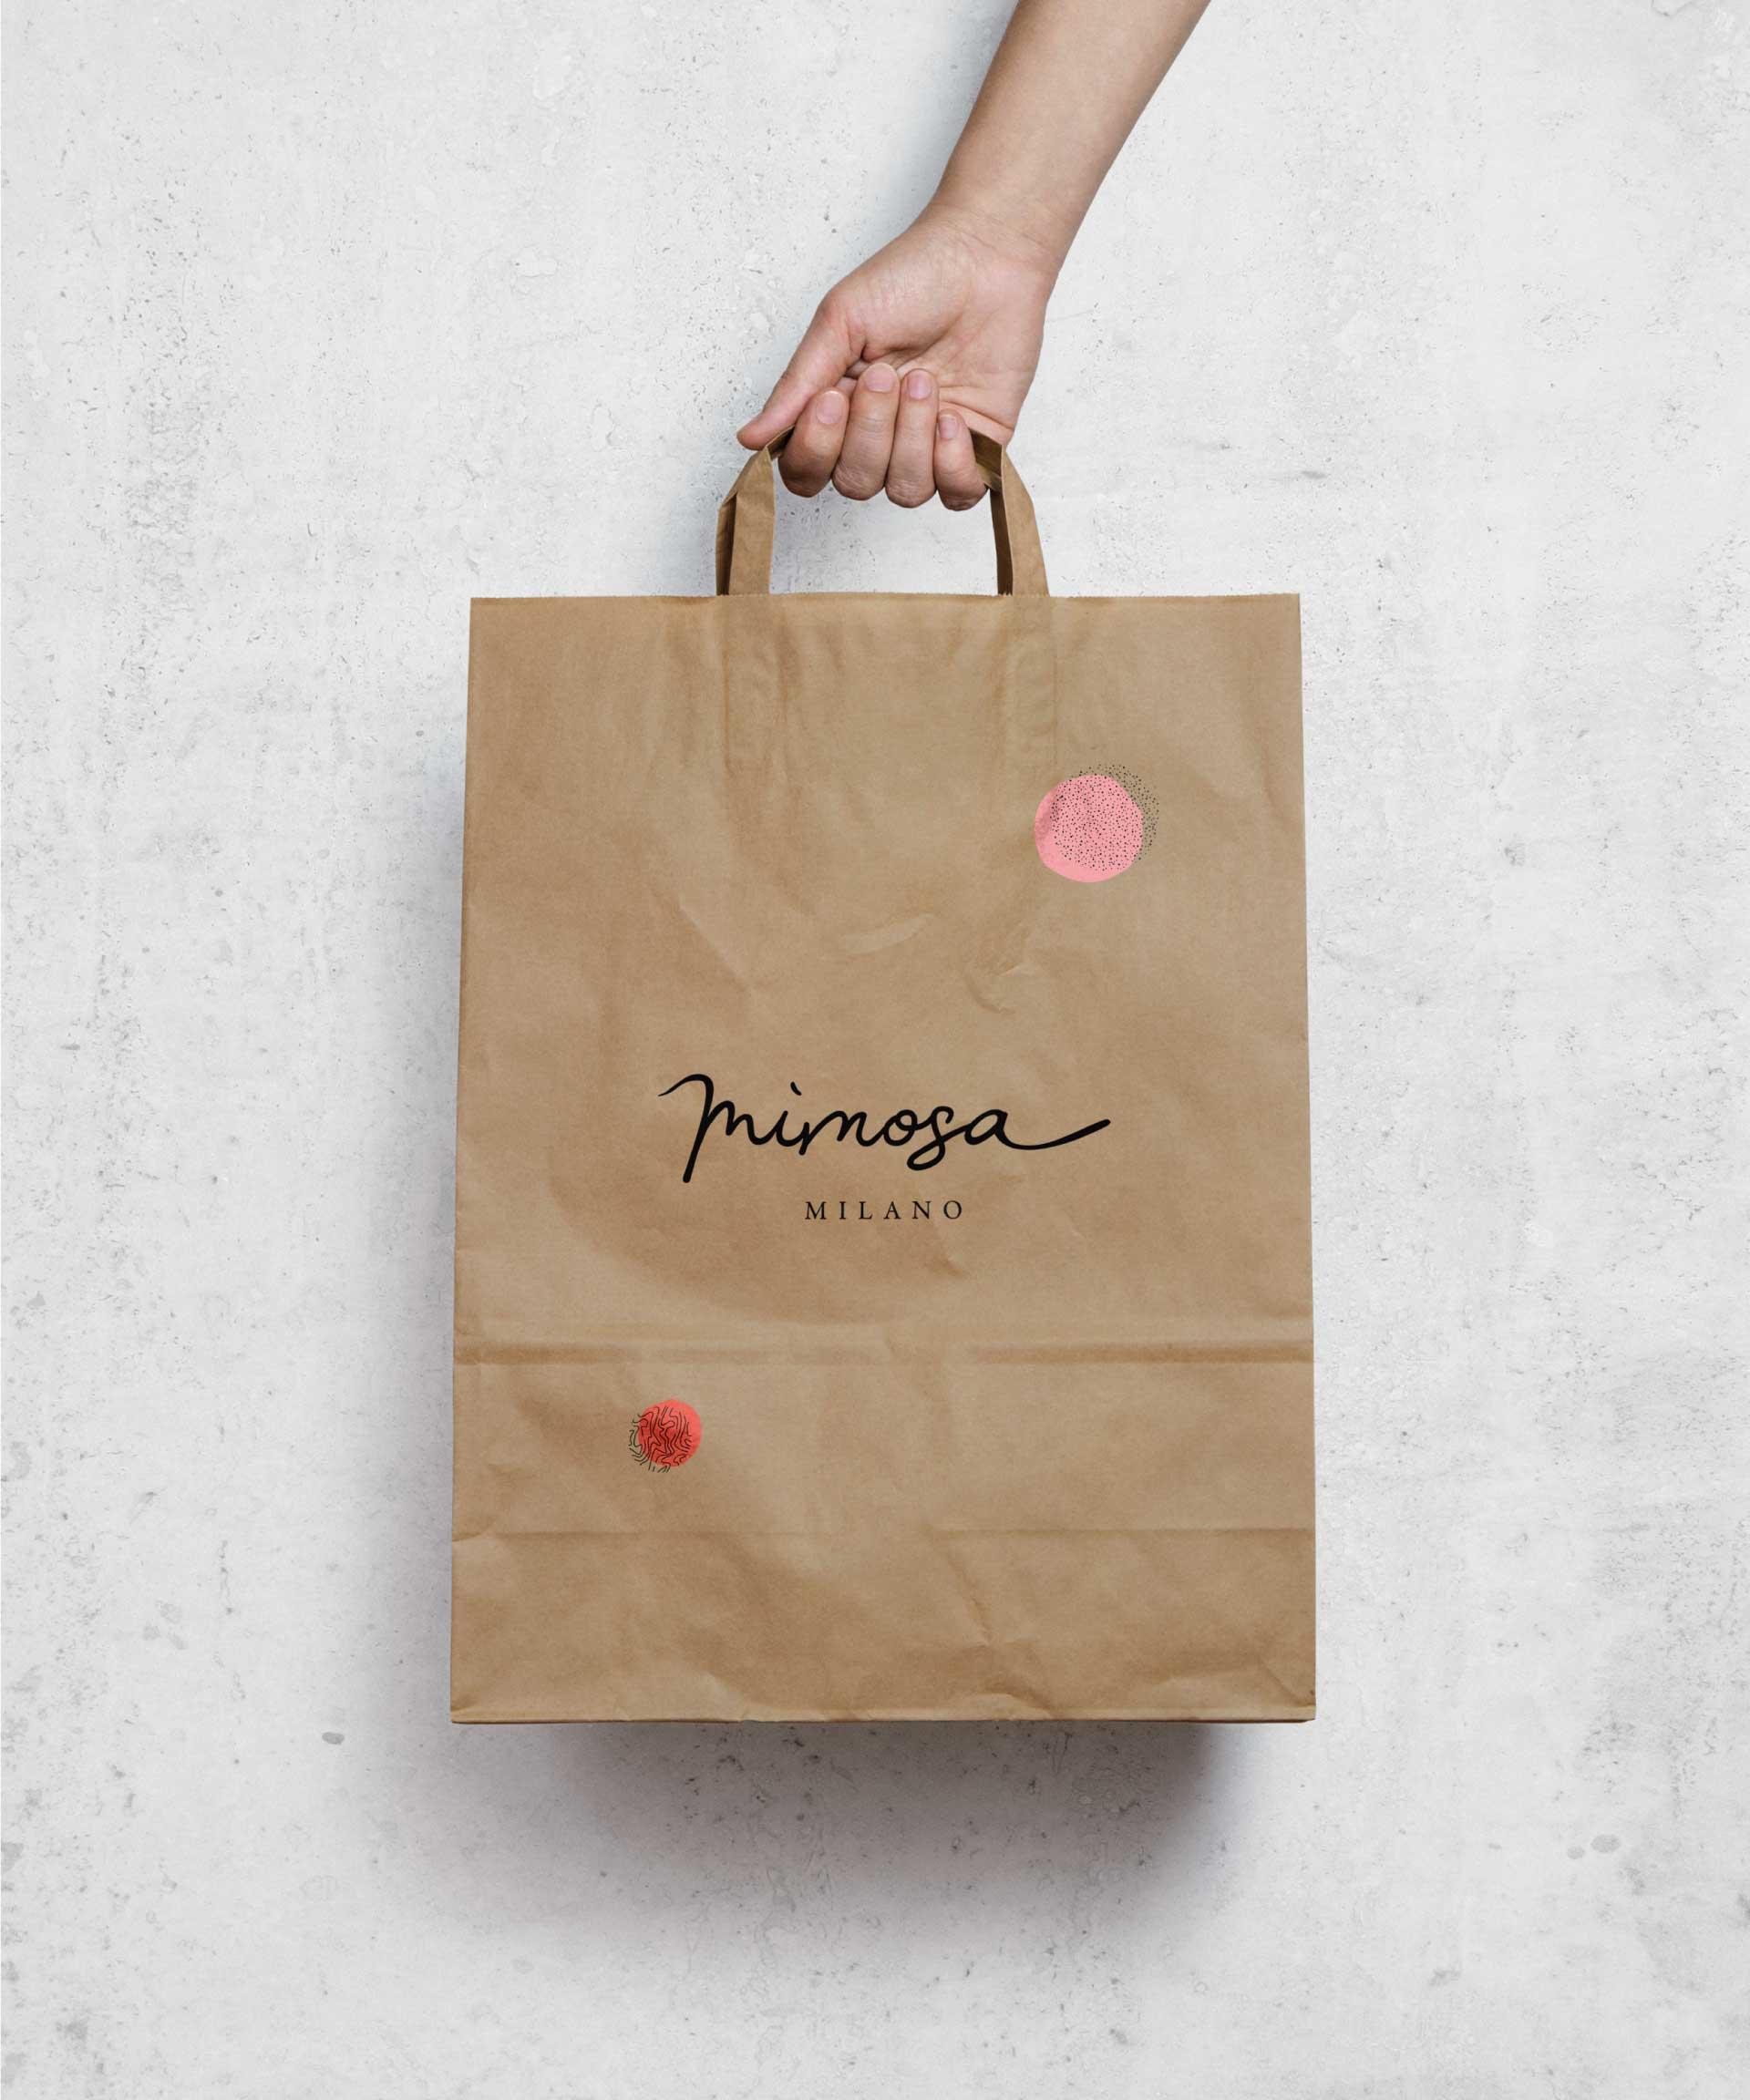 mimosa moodmama sito brochure web branding social eventi portfolio busta di carta